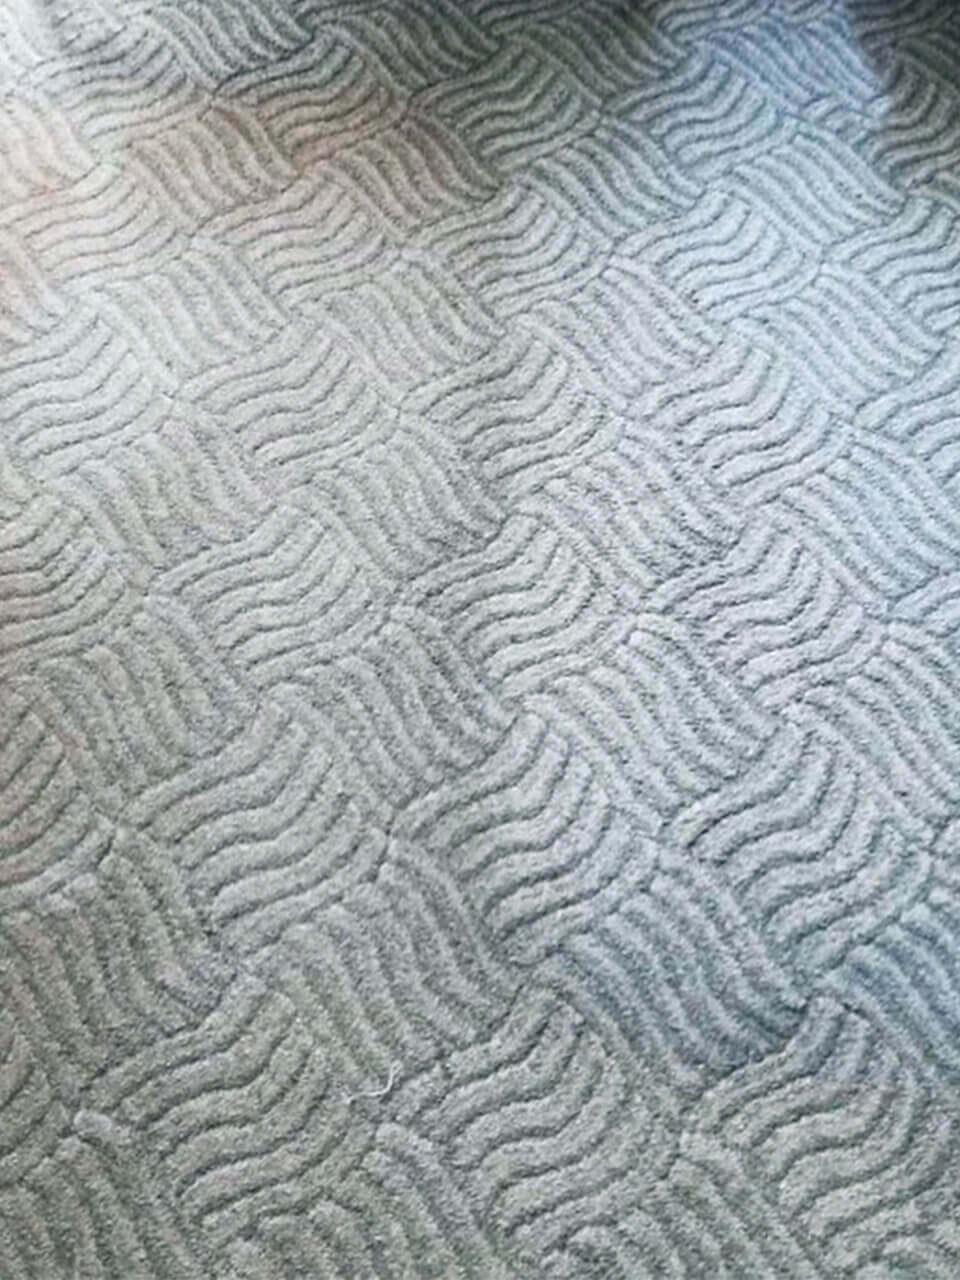 Фрагмент очищенного светлого коврового покрытия